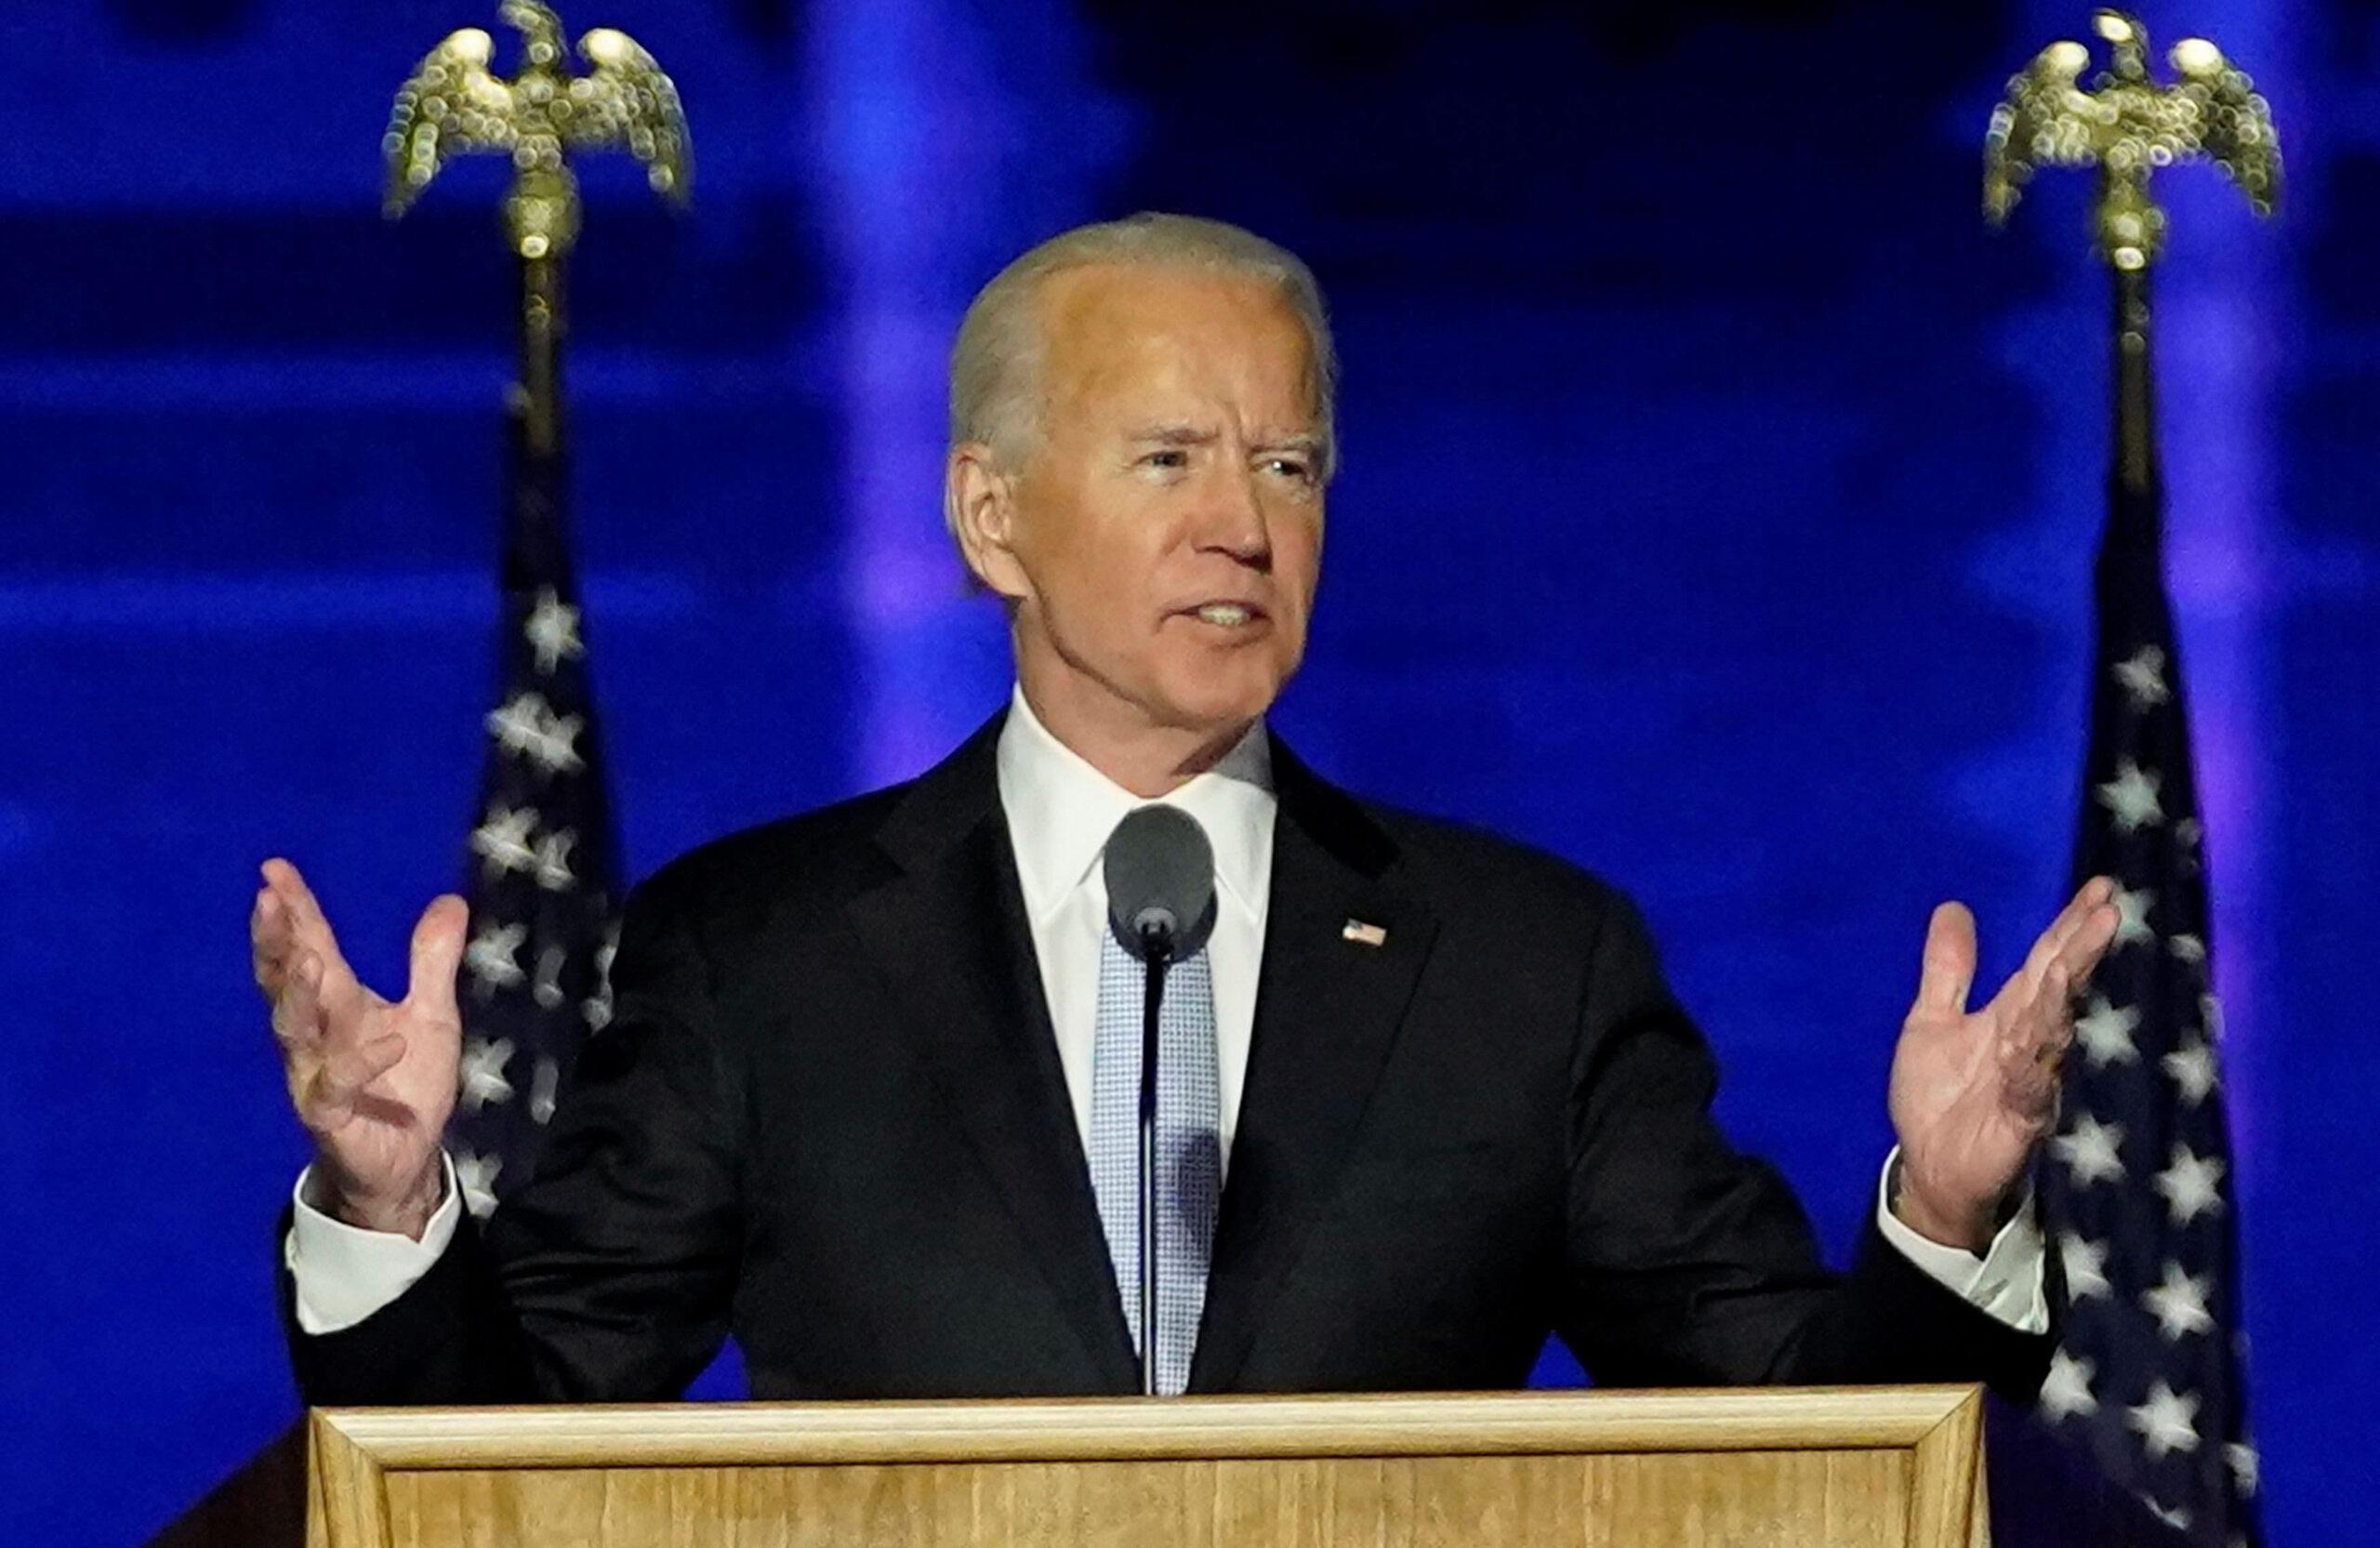 oe Biden en discurso